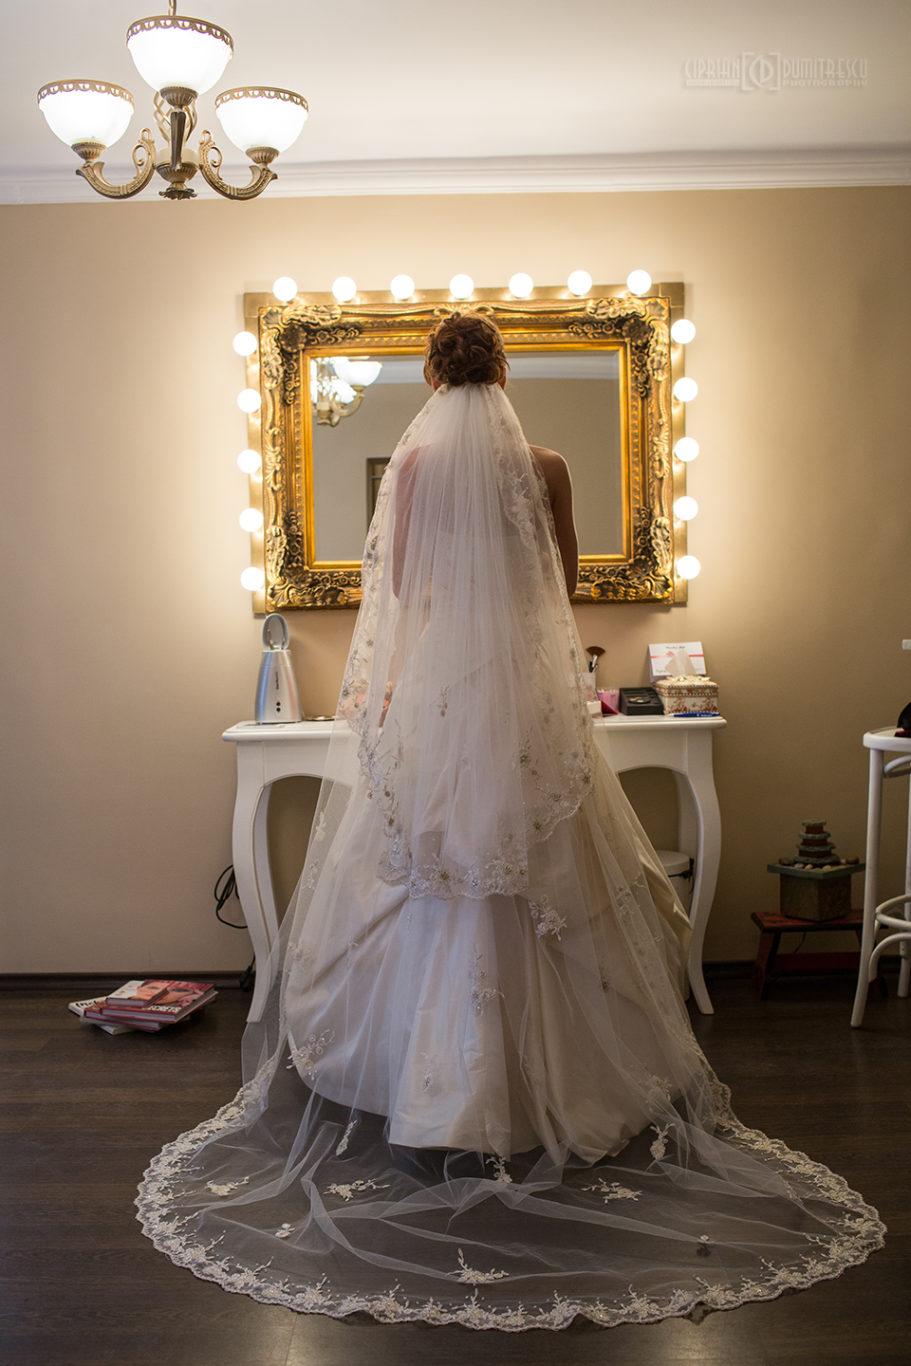 022-Foto-nunta-Monica-Mihai-fotograf-Ciprian-Dumitrescu